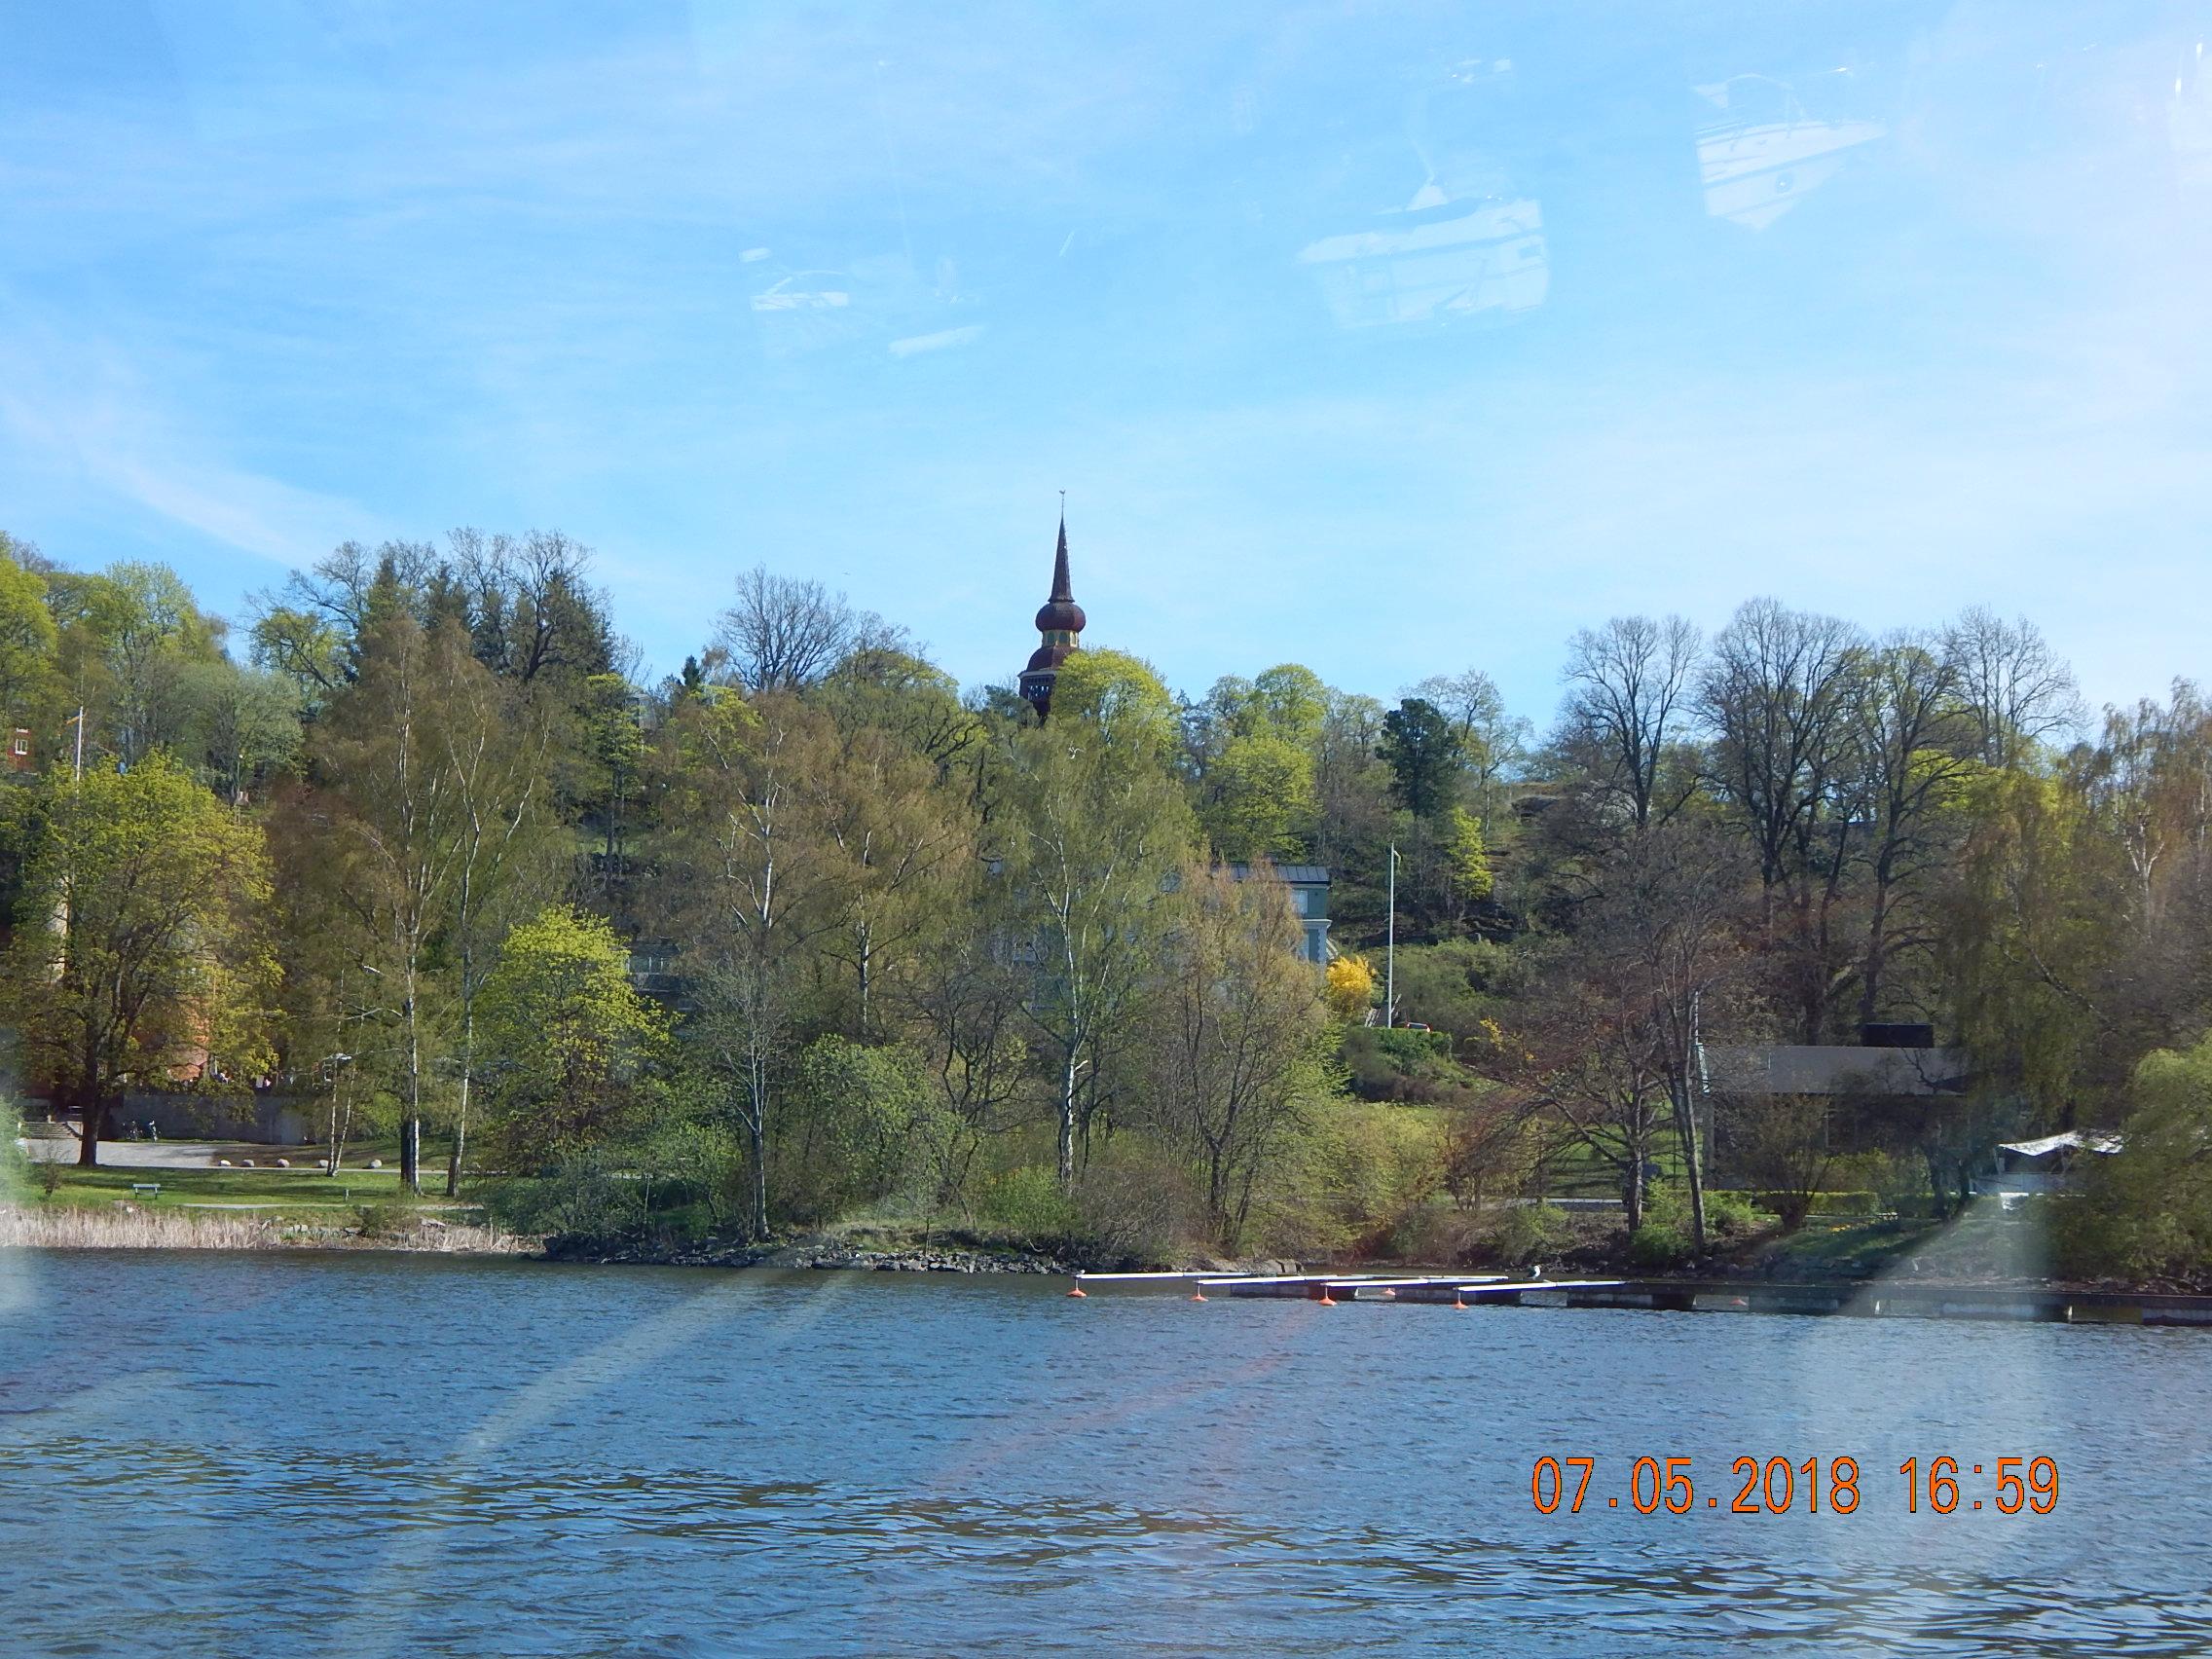 Романтическое путешествие в Скандинавию. - Страница 2 Dscn4613